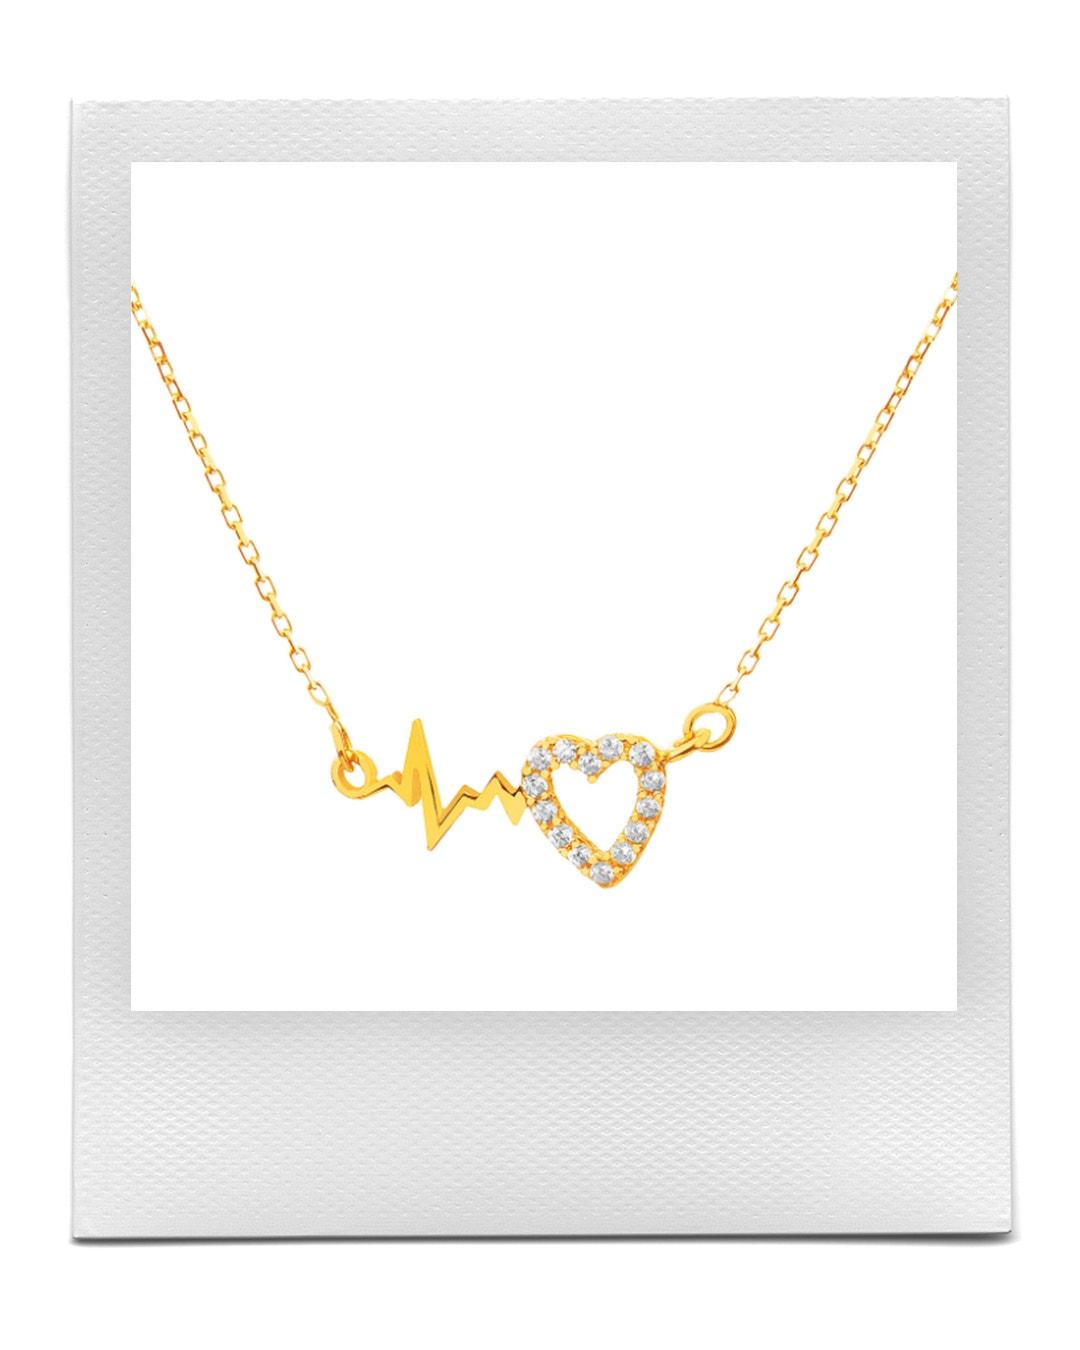 Zlatý náhrdelník se zirkony, Apart  prodává Apart, od 4 059 Kč